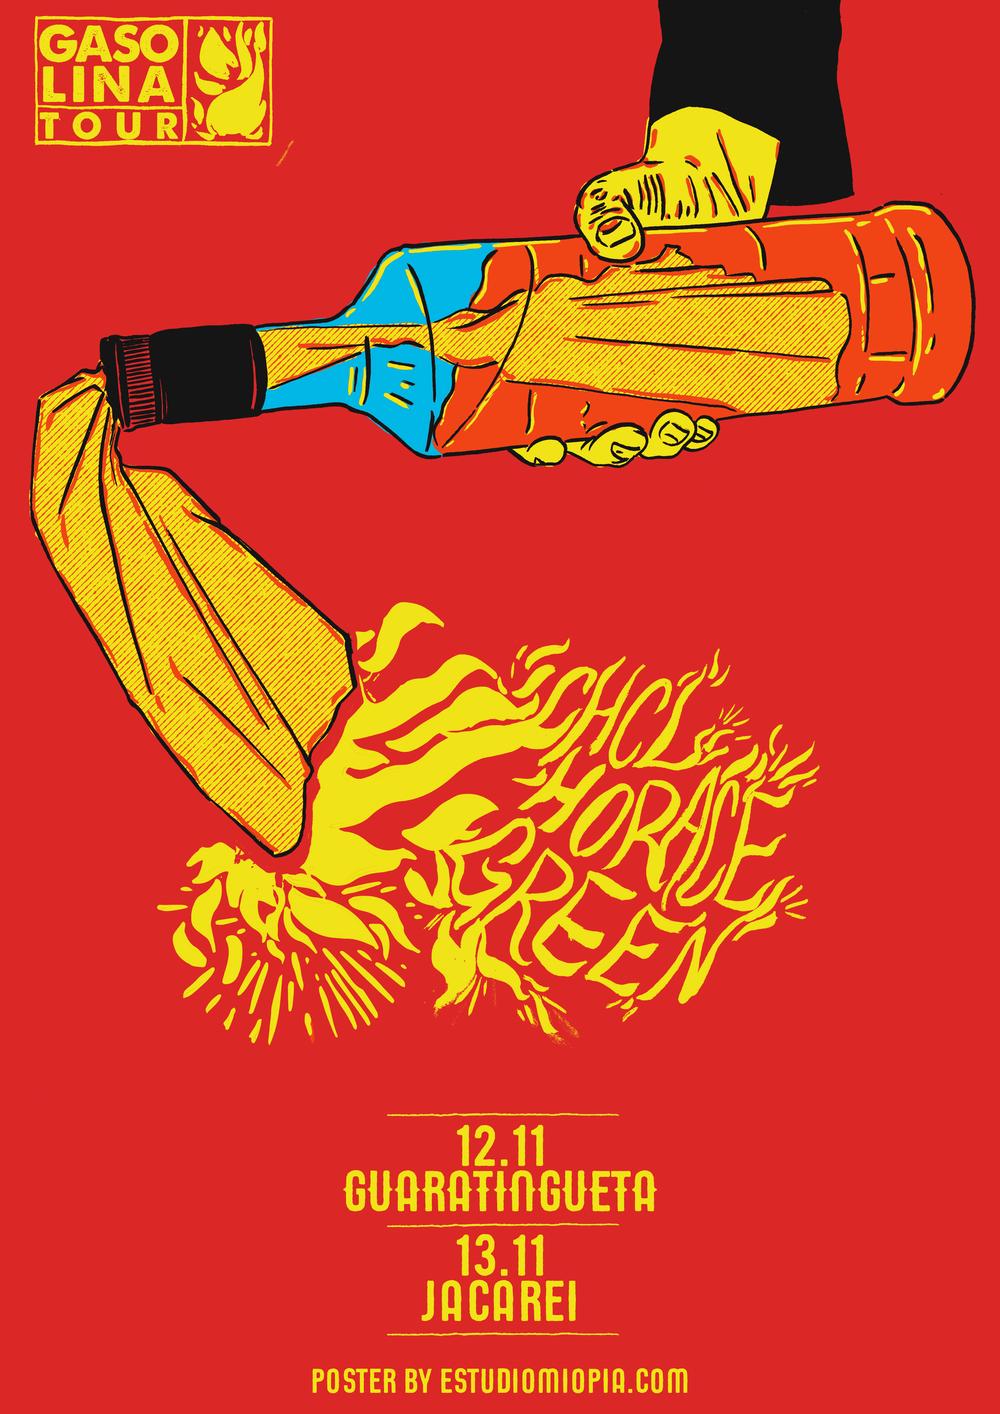 GASOLINA_TOUR_GERAL.png